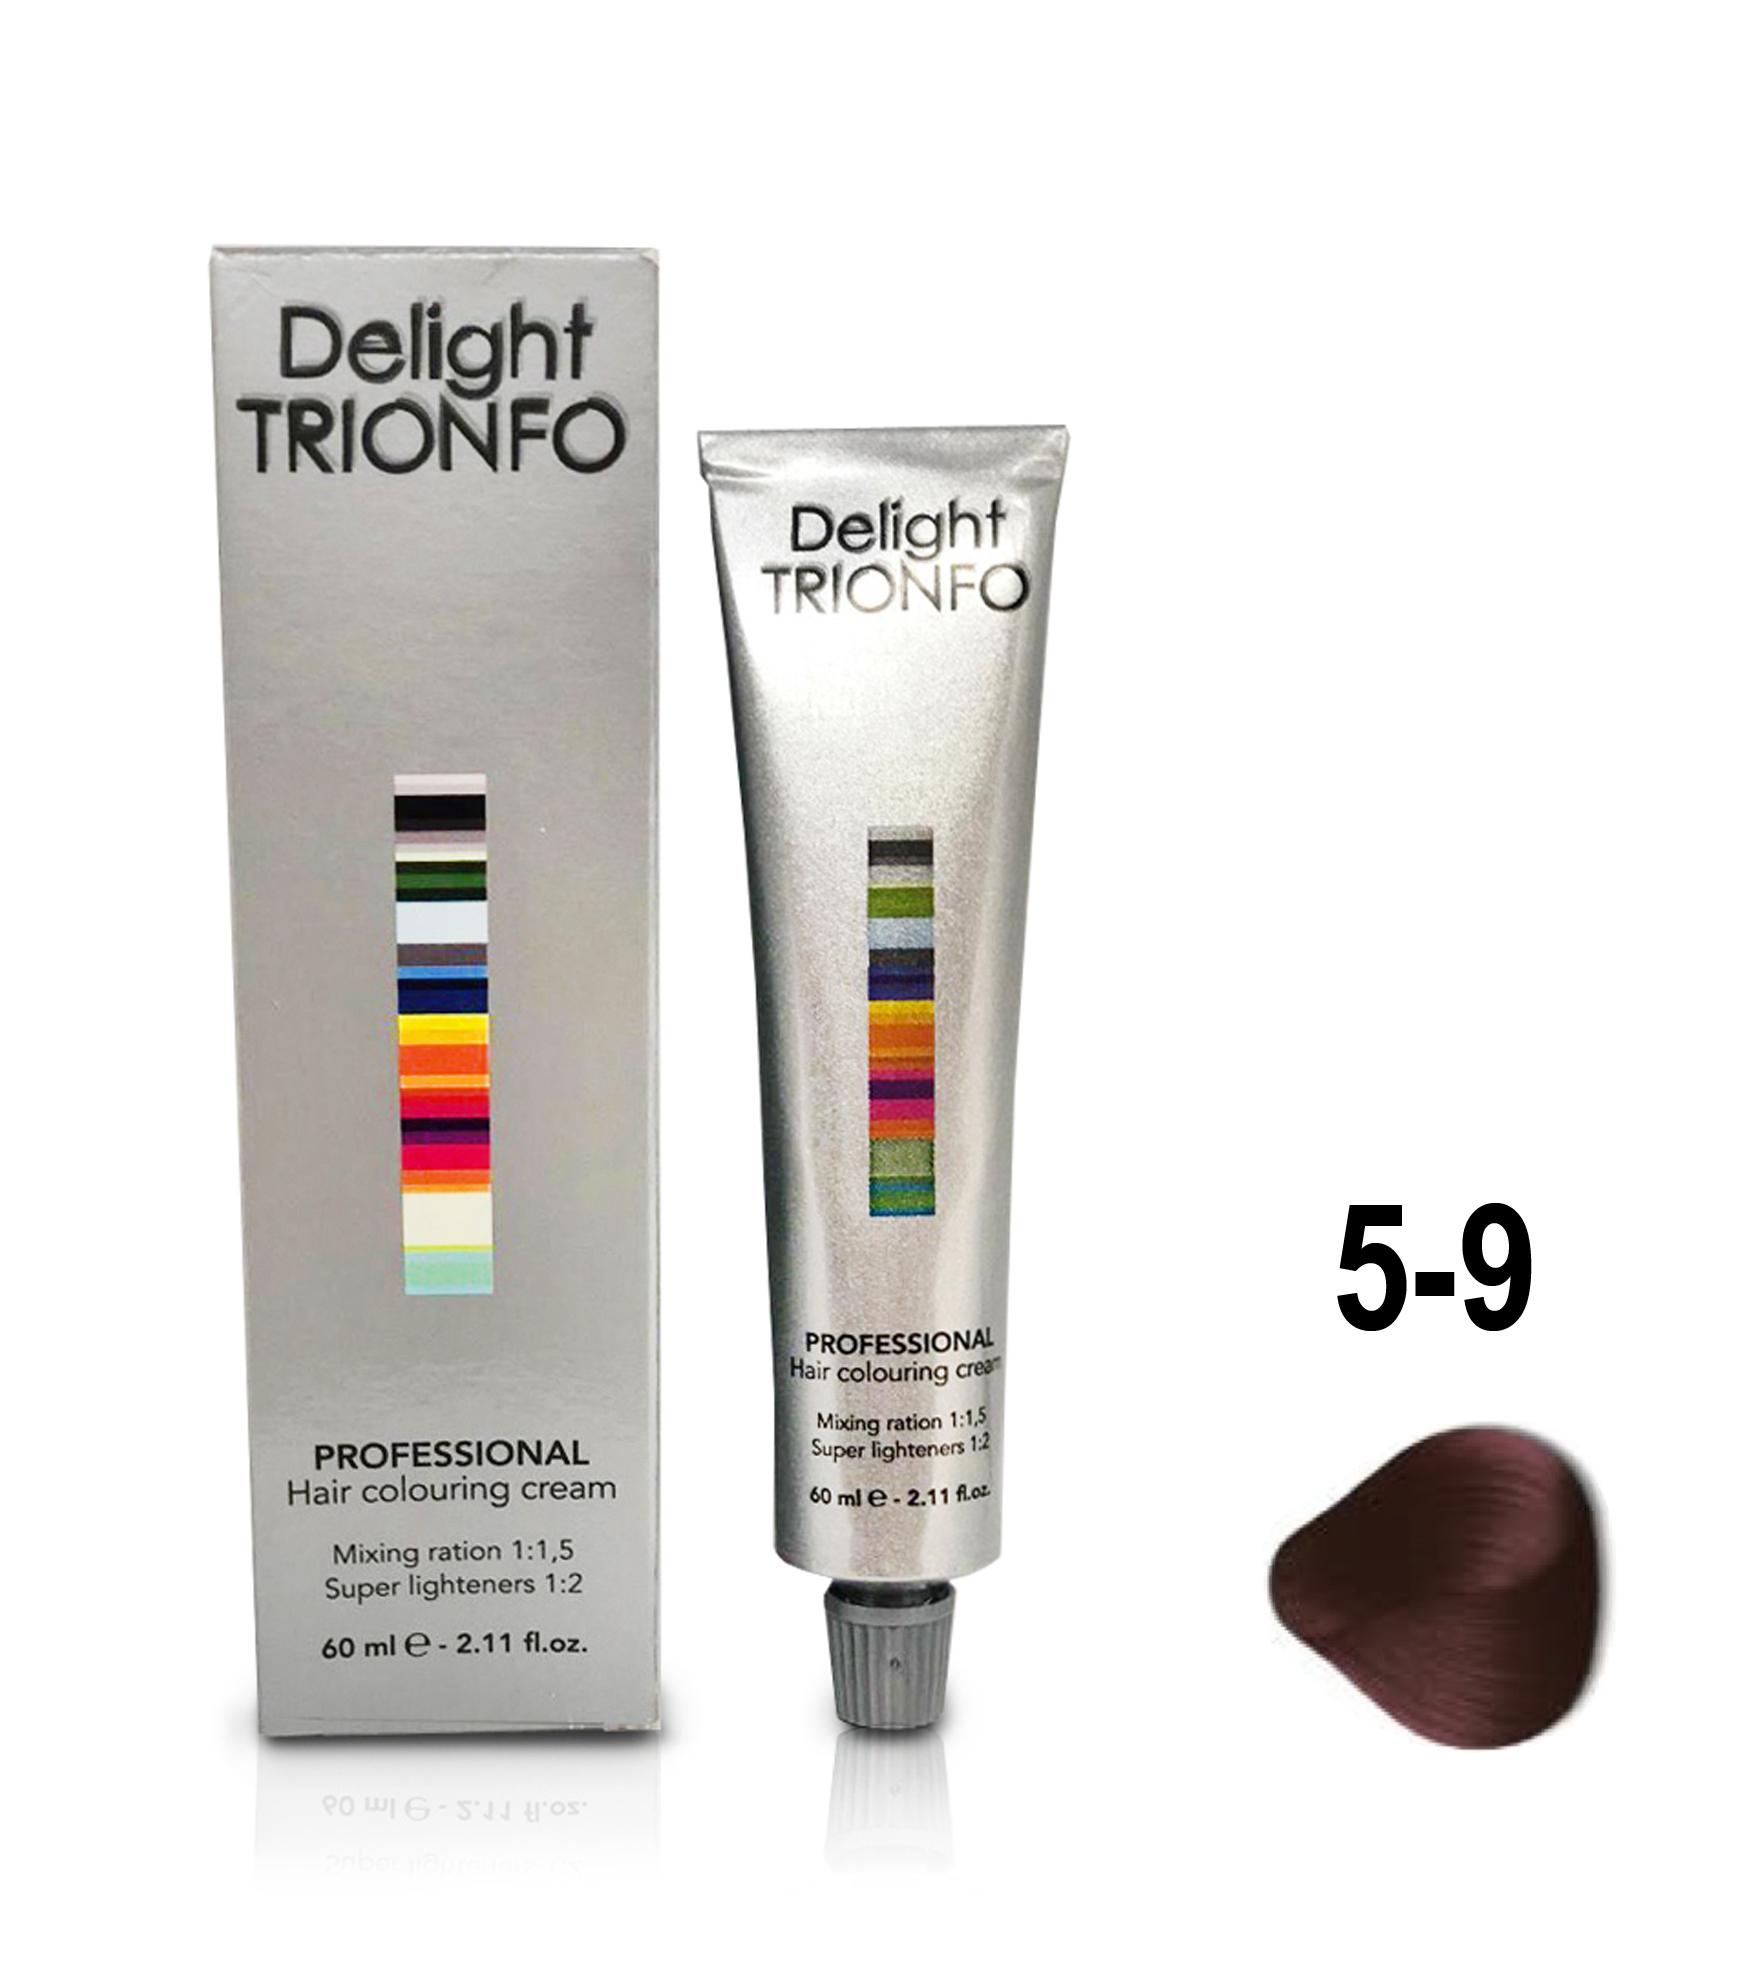 CONSTANT DELIGHT ДТ 5-9 крем-краска стойкая для волос, светло-коричневый фиолетовый / Delight TRIONFO 60 мл фото